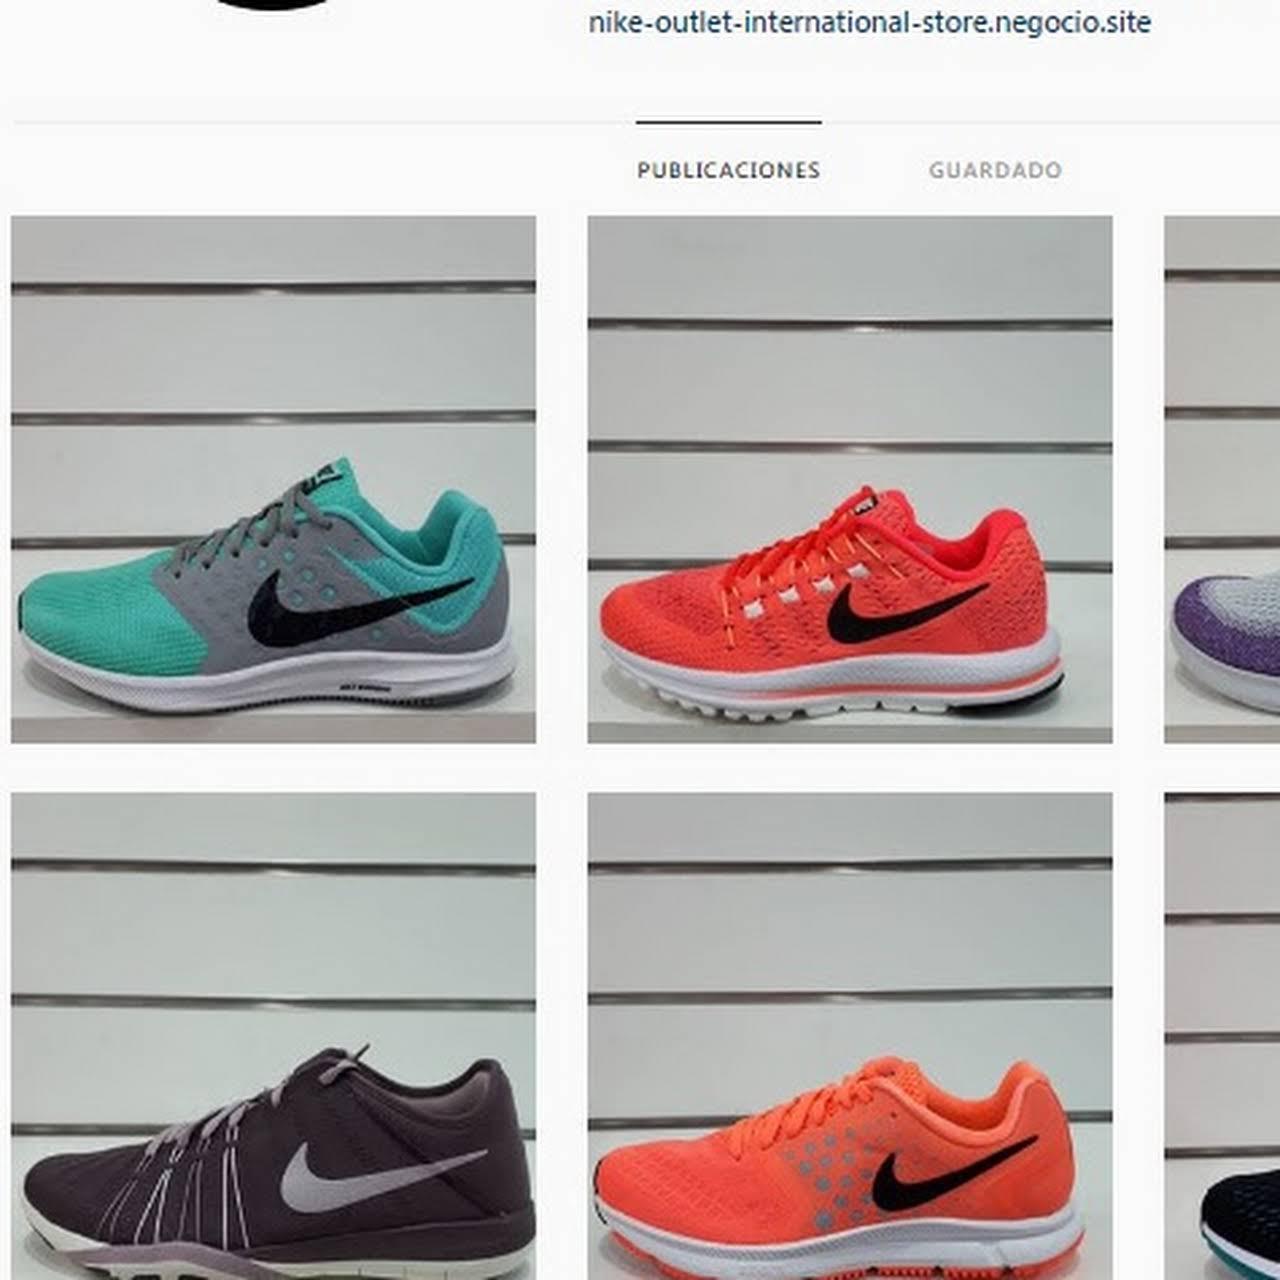 ecuador Camello Mansión  Nike International Store Outlet - .